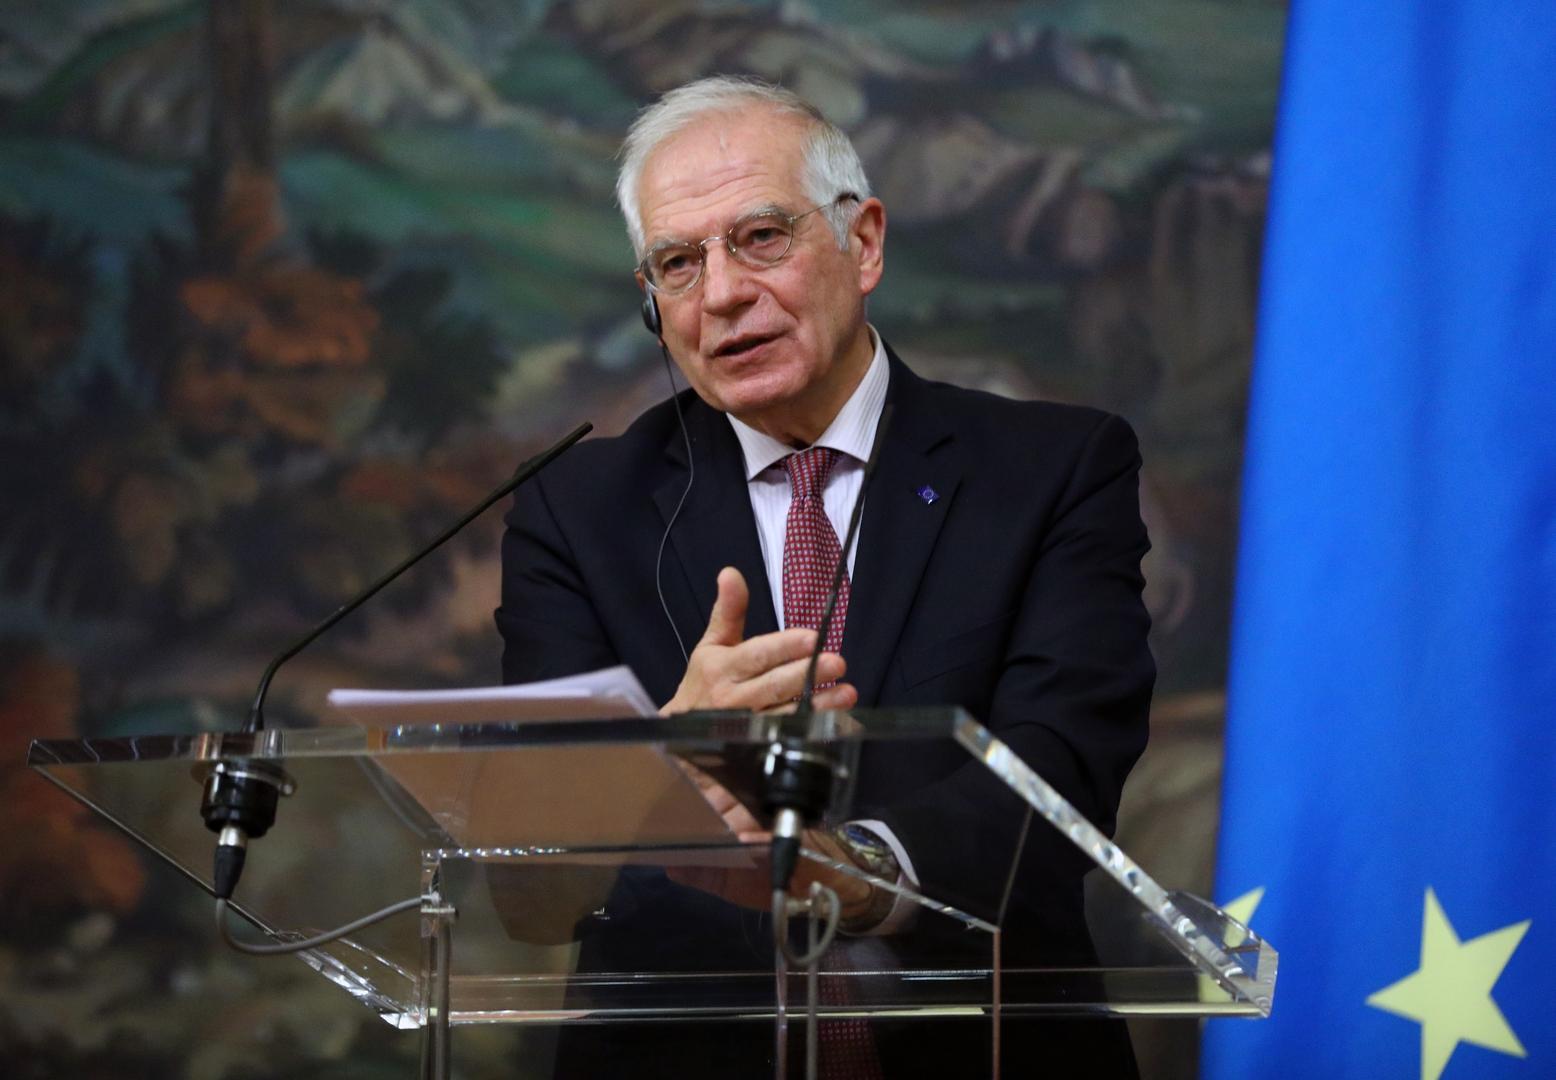 مسؤول السياسة الخارجية للاتحاد الأوروبي جوزيب بوريل